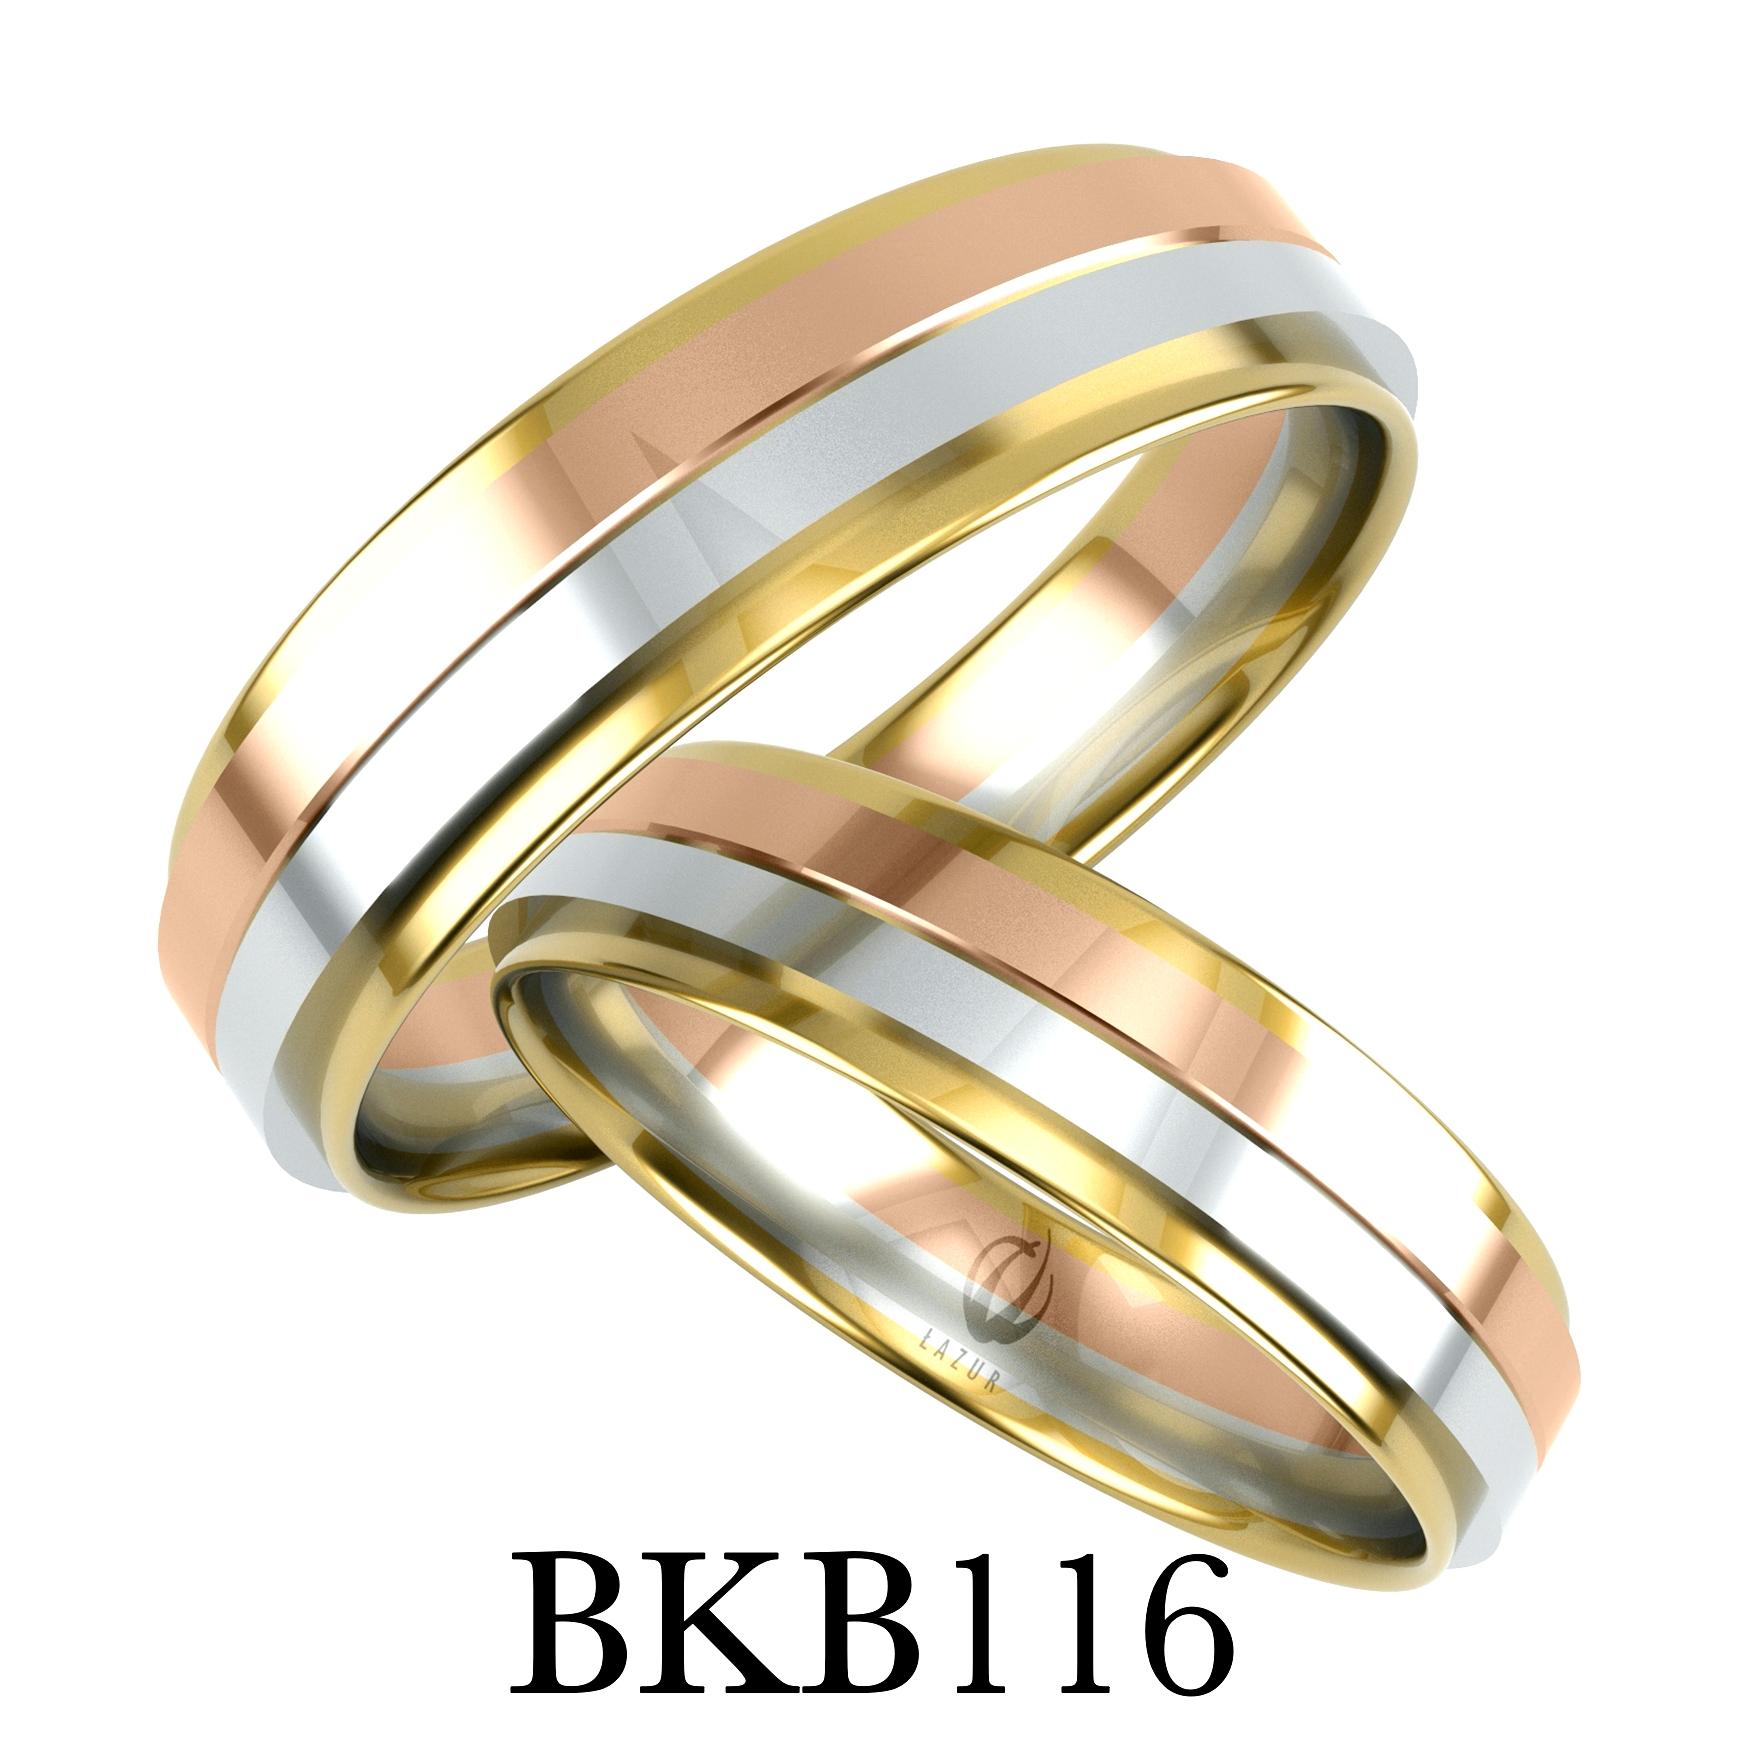 bizuteriakumor.pl obraczki trzy kolory złota biaałe złoto hipoalergiczne złote obrączki 585 14K bkb116